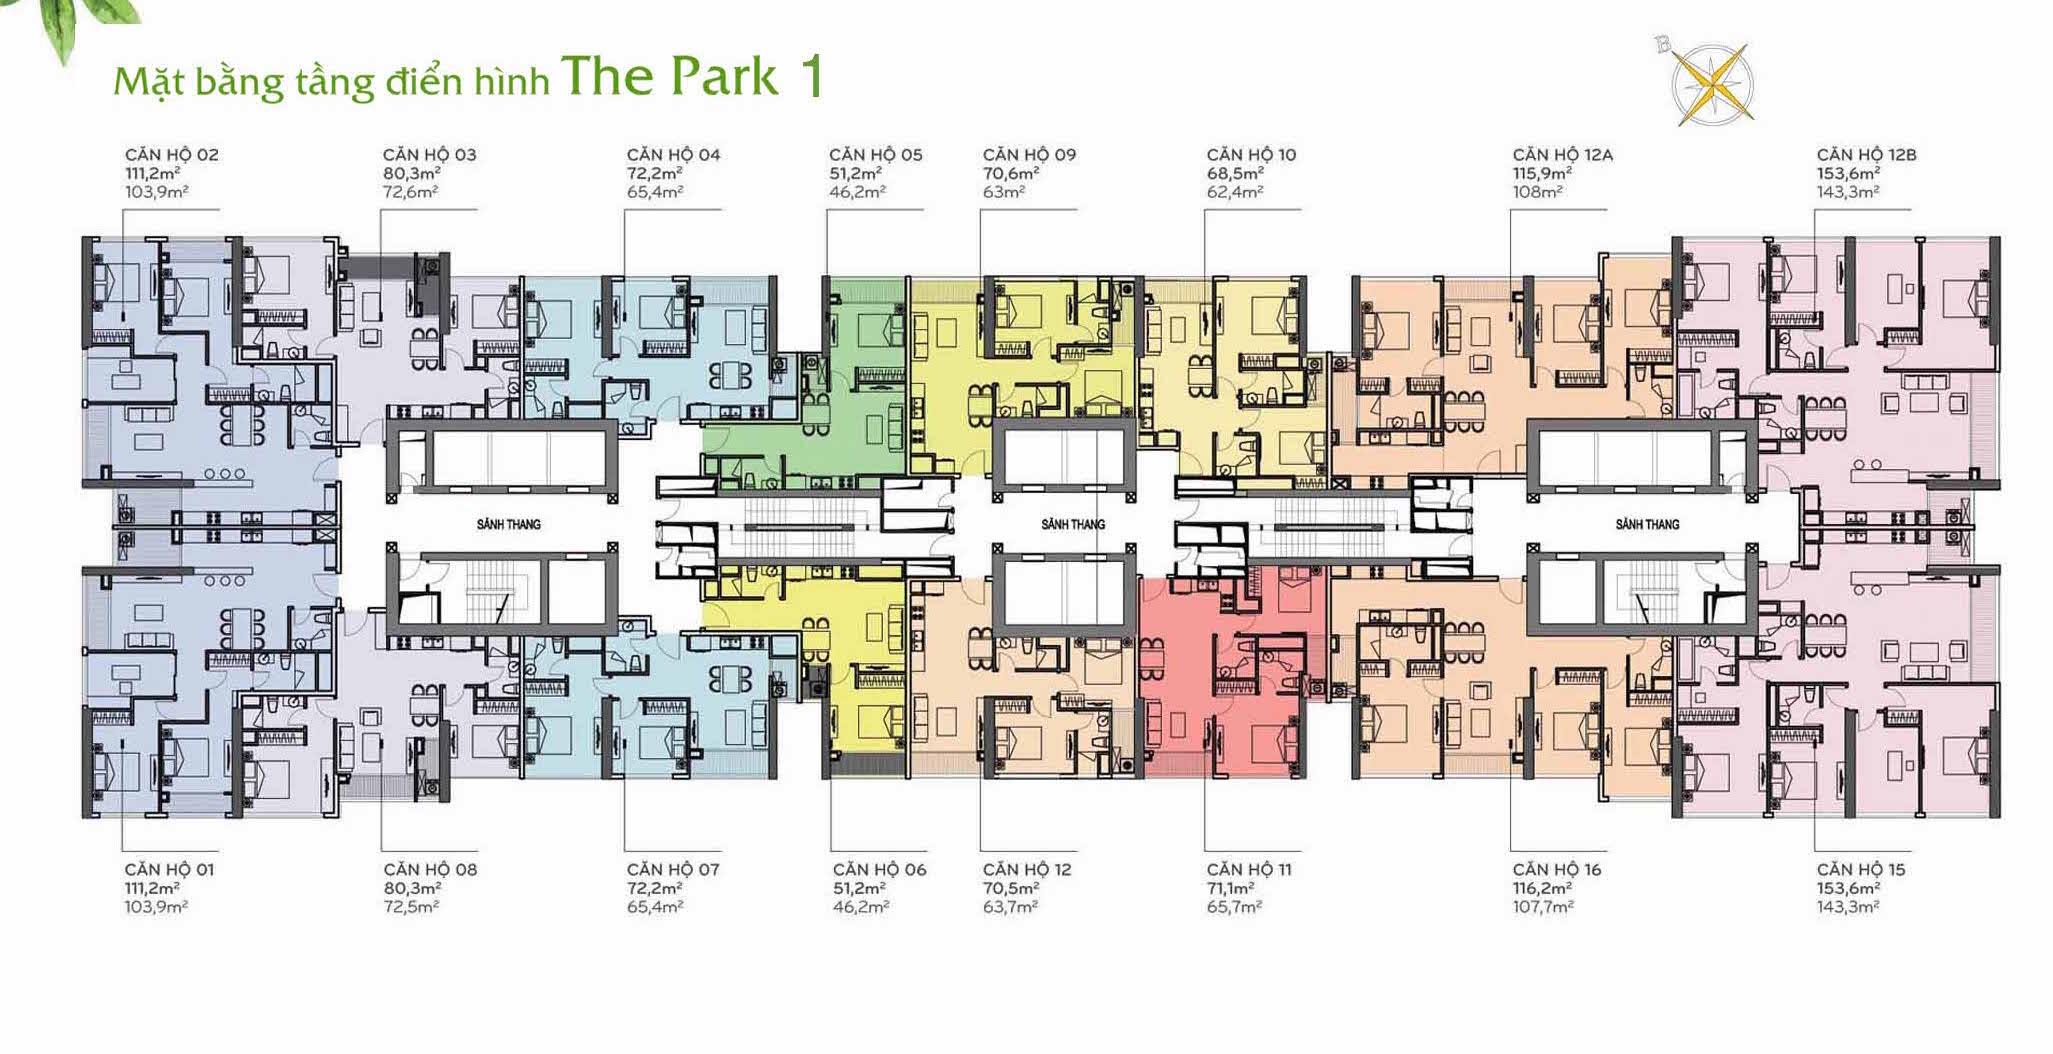 Layout Mặt Bằng Tầng Điển Hình - Tòa The Park 1 - Vinhomes Central Park